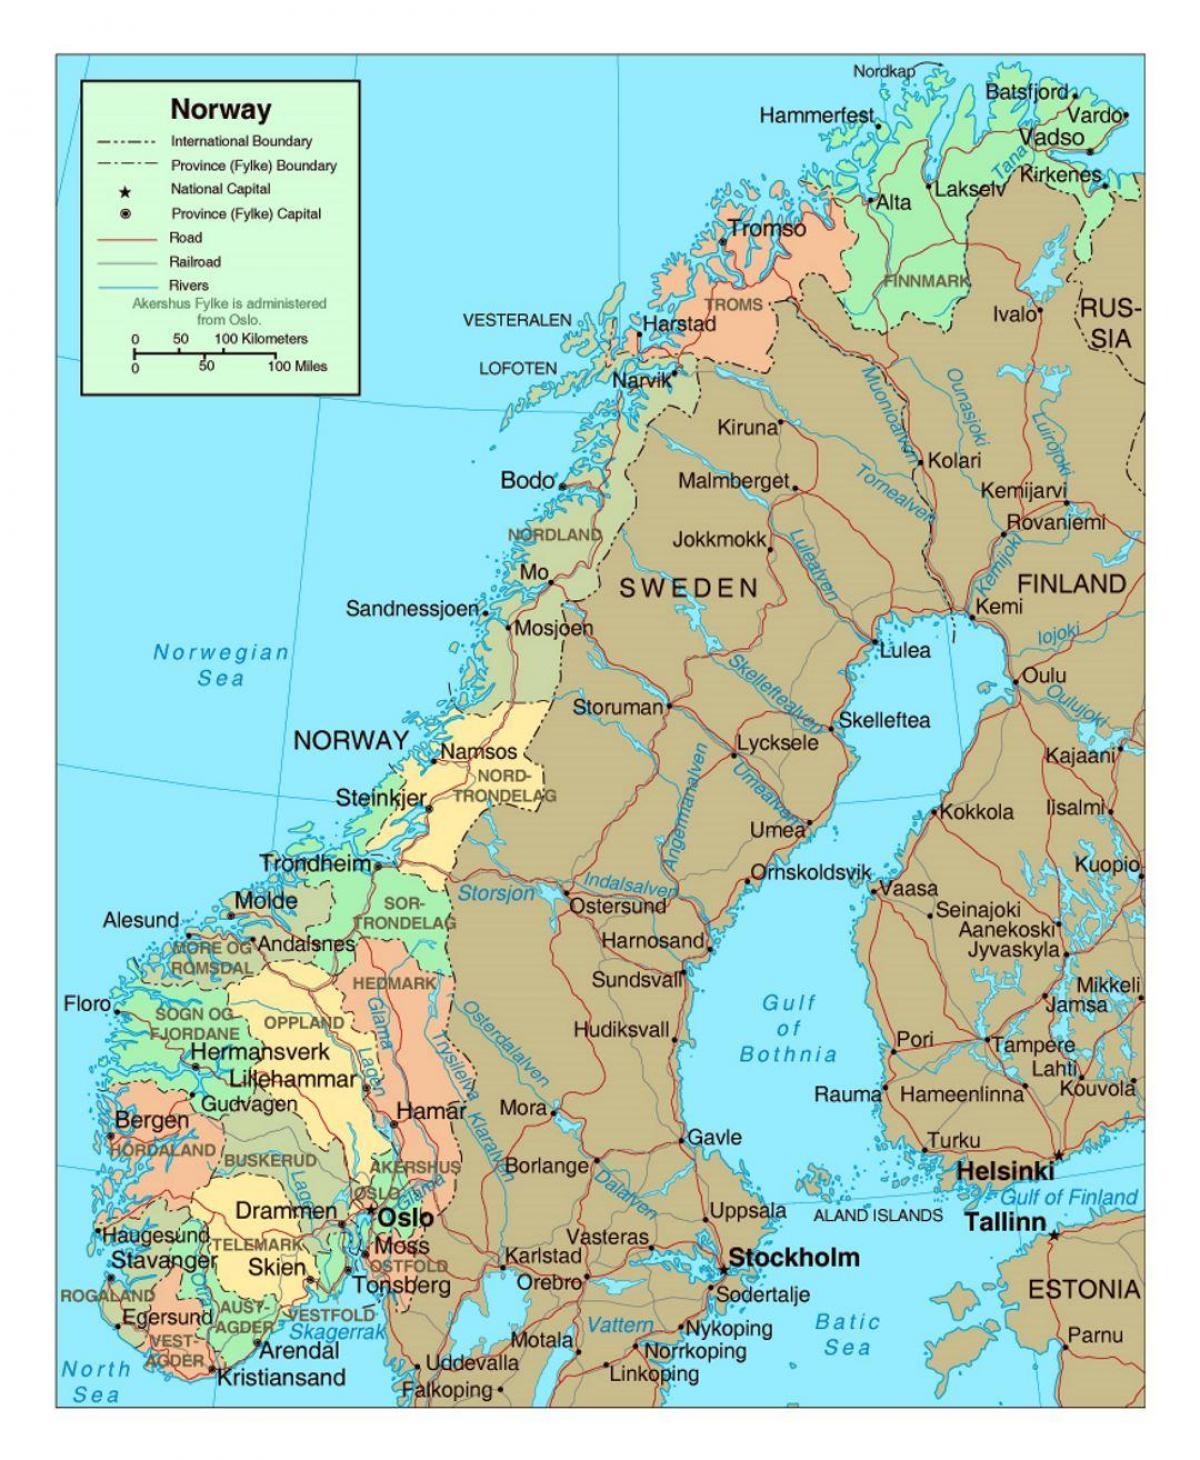 Norvegia Cartina Stradale.Mappa Stradale Di Norvegia Mappa Stradale Di Norvegia Con La Citta Europa Del Nord Europa